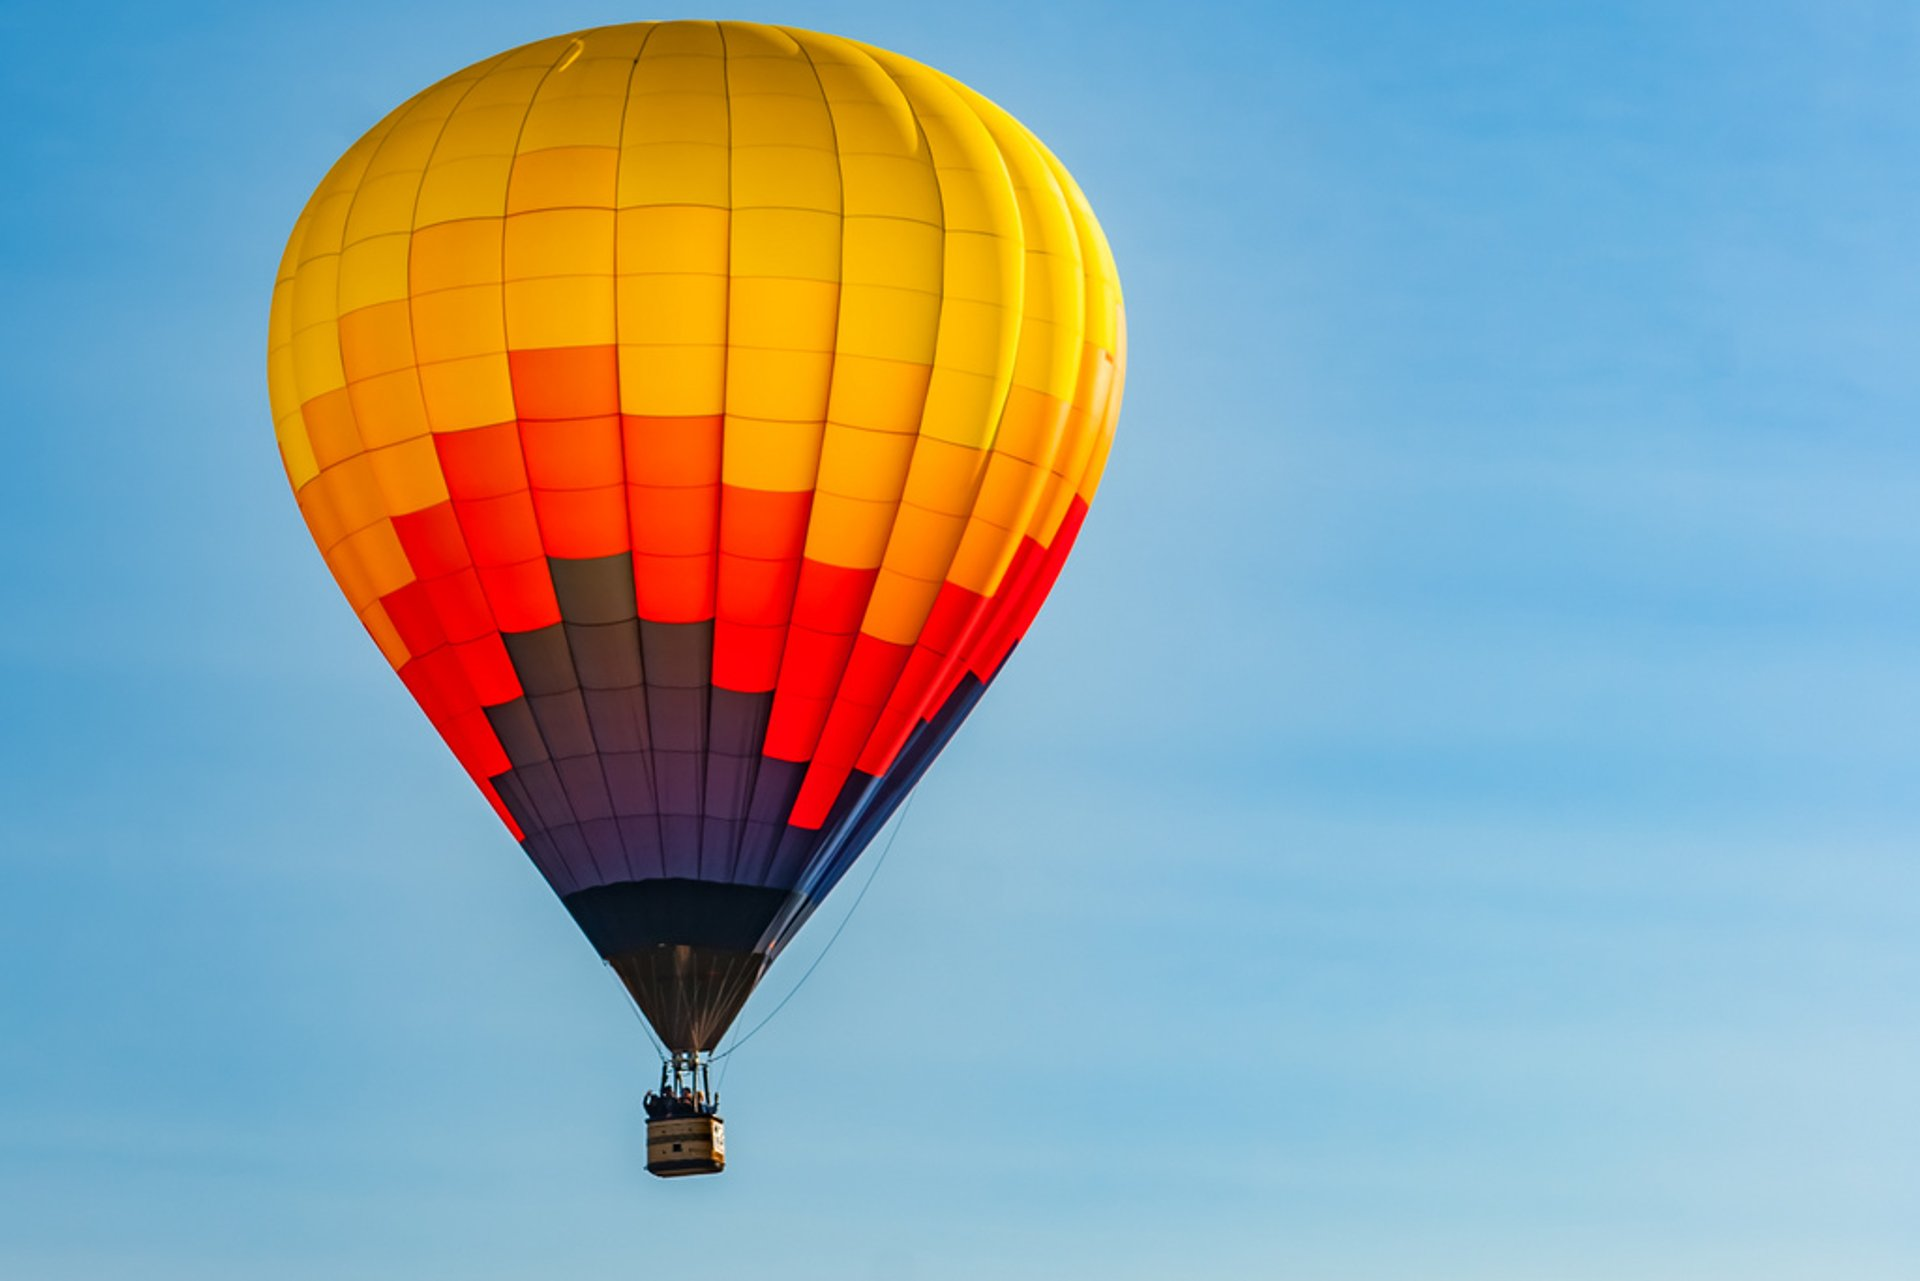 Gatineau Hot Air Balloon Festival in Ottawa 2019 - Best Time